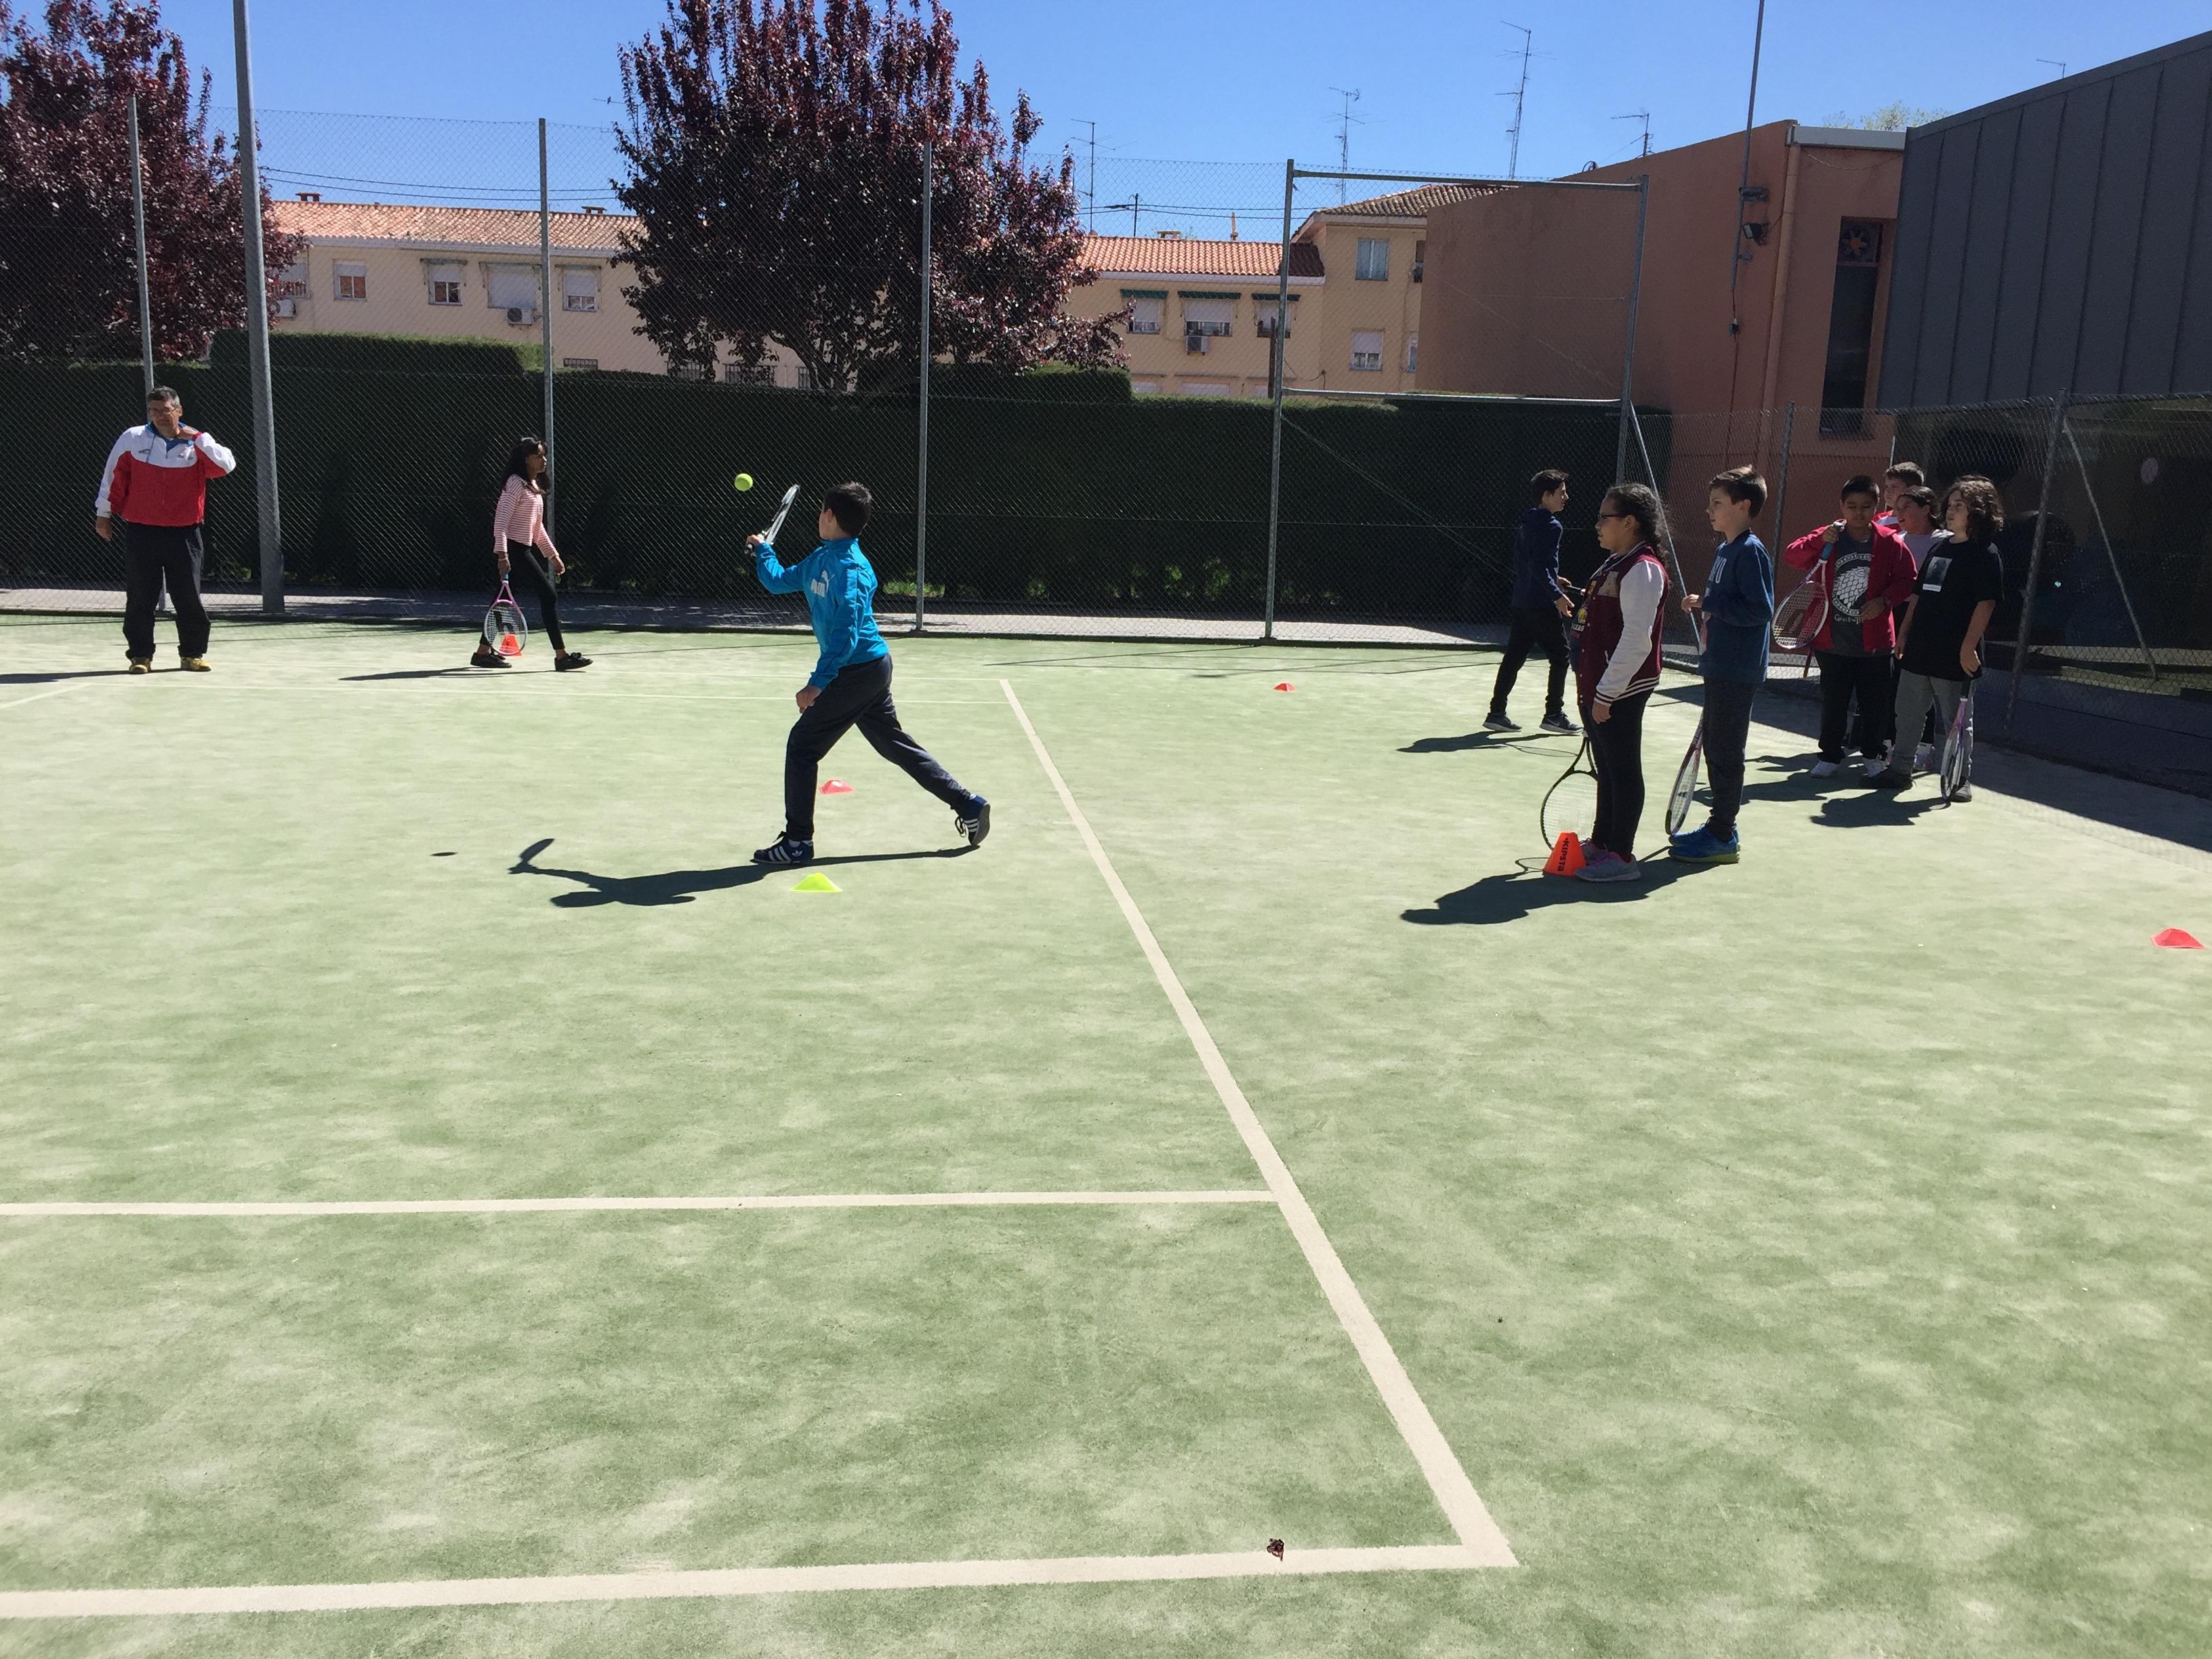 MAÑANAS ACTIVAS. Polideportivo San Vicente de Paul. 22